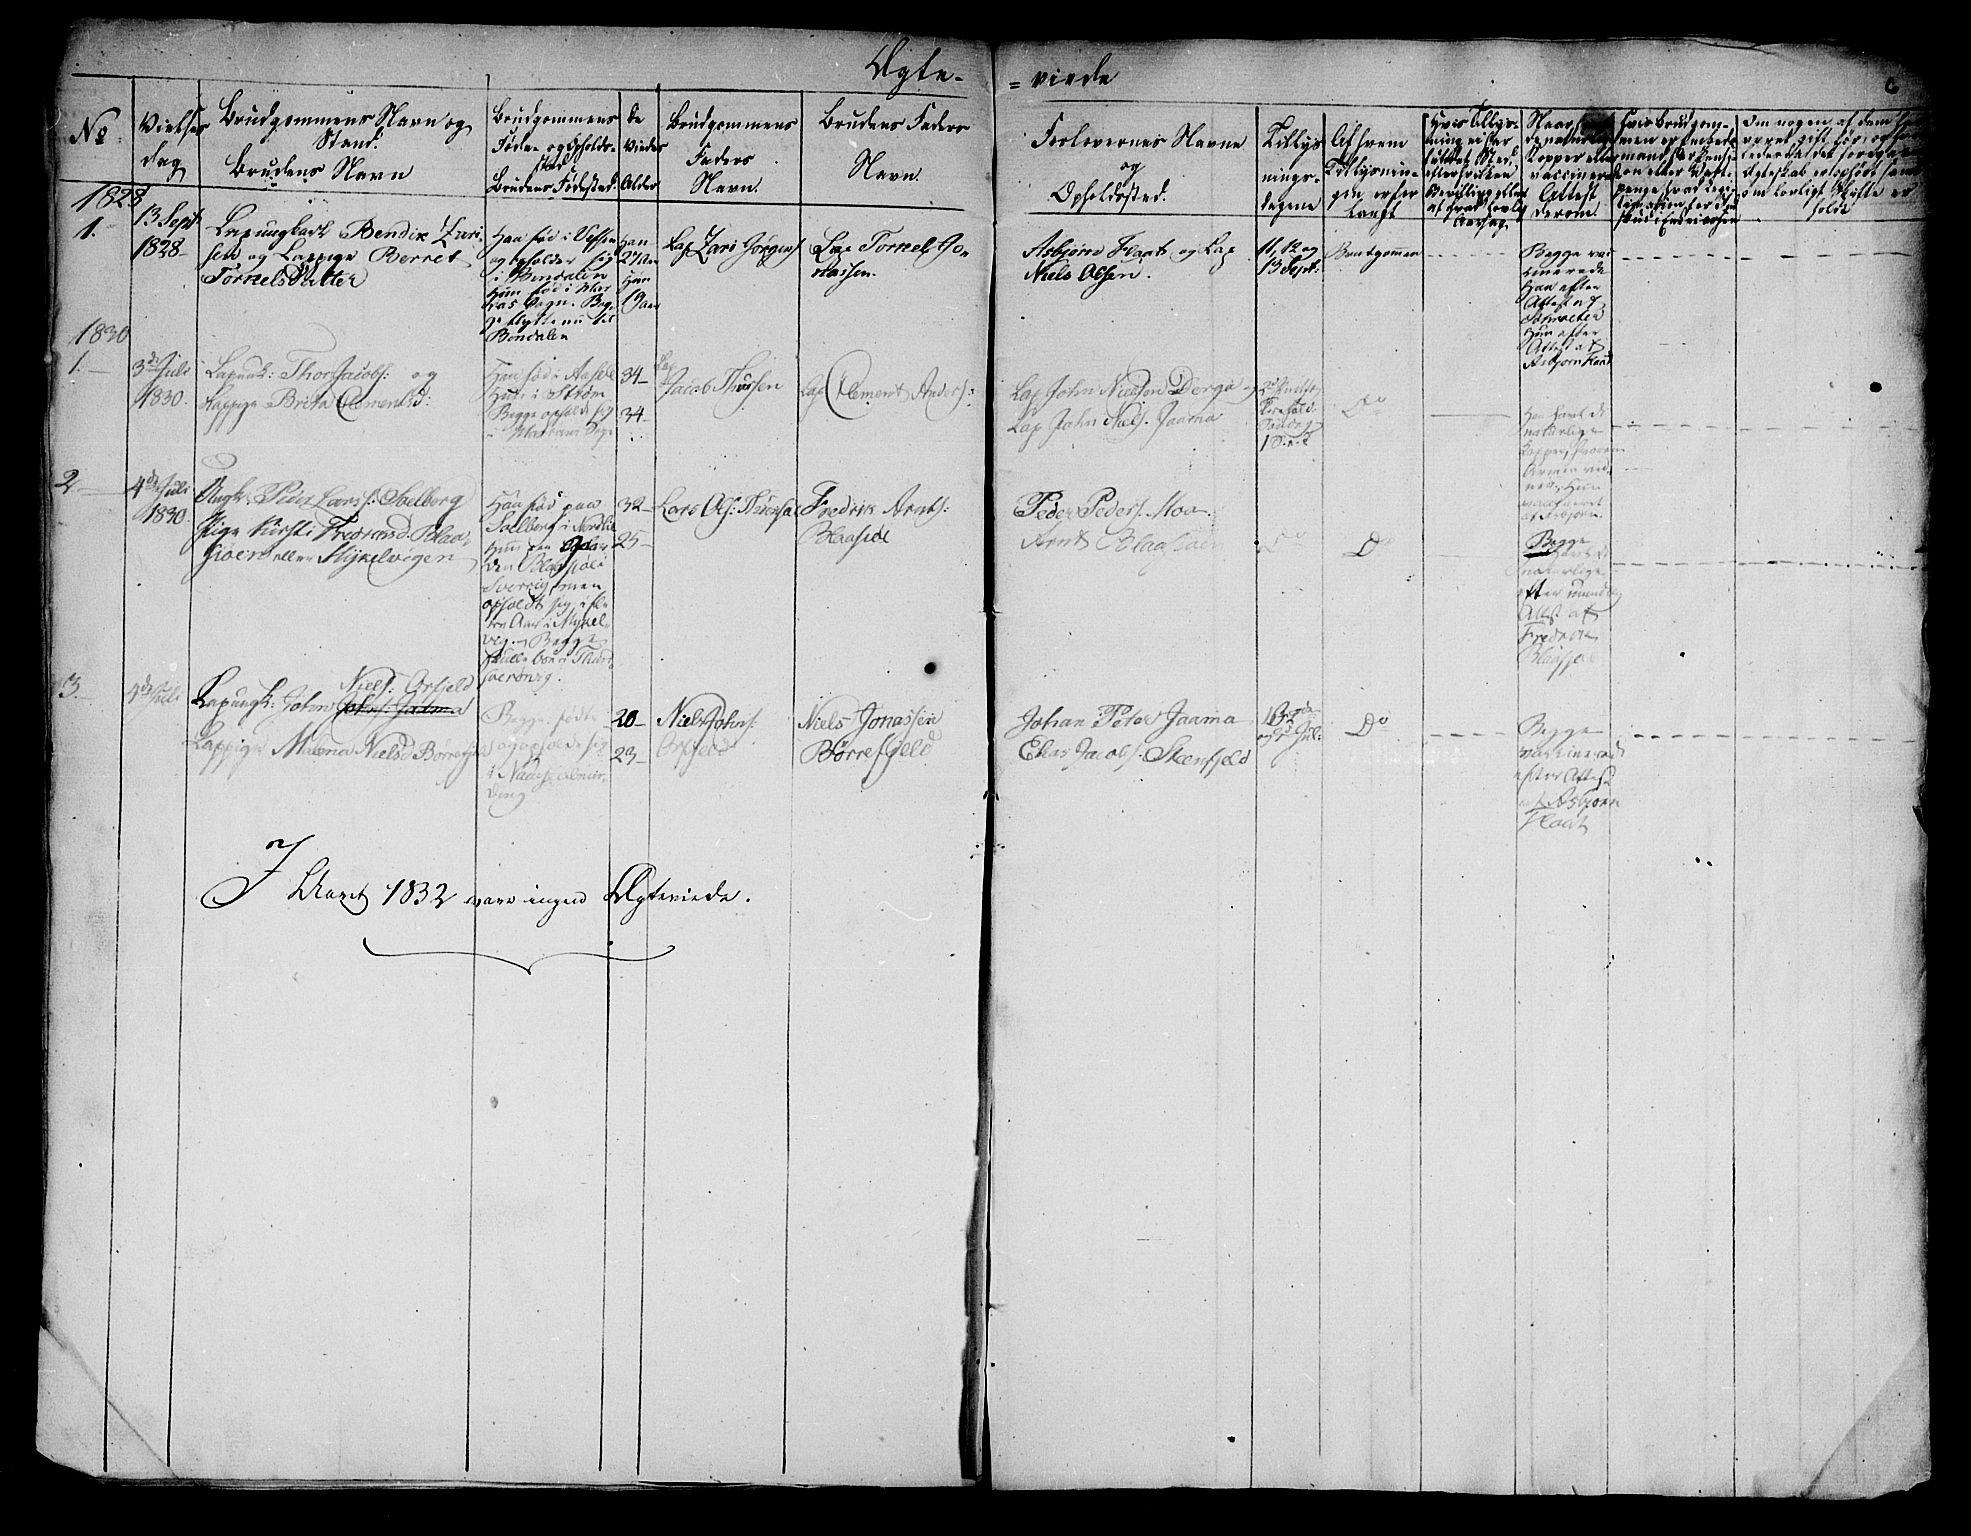 SAT, Ministerialprotokoller, klokkerbøker og fødselsregistre - Nord-Trøndelag, 762/L0536: Ministerialbok nr. 762A01 /1, 1828-1832, s. 6